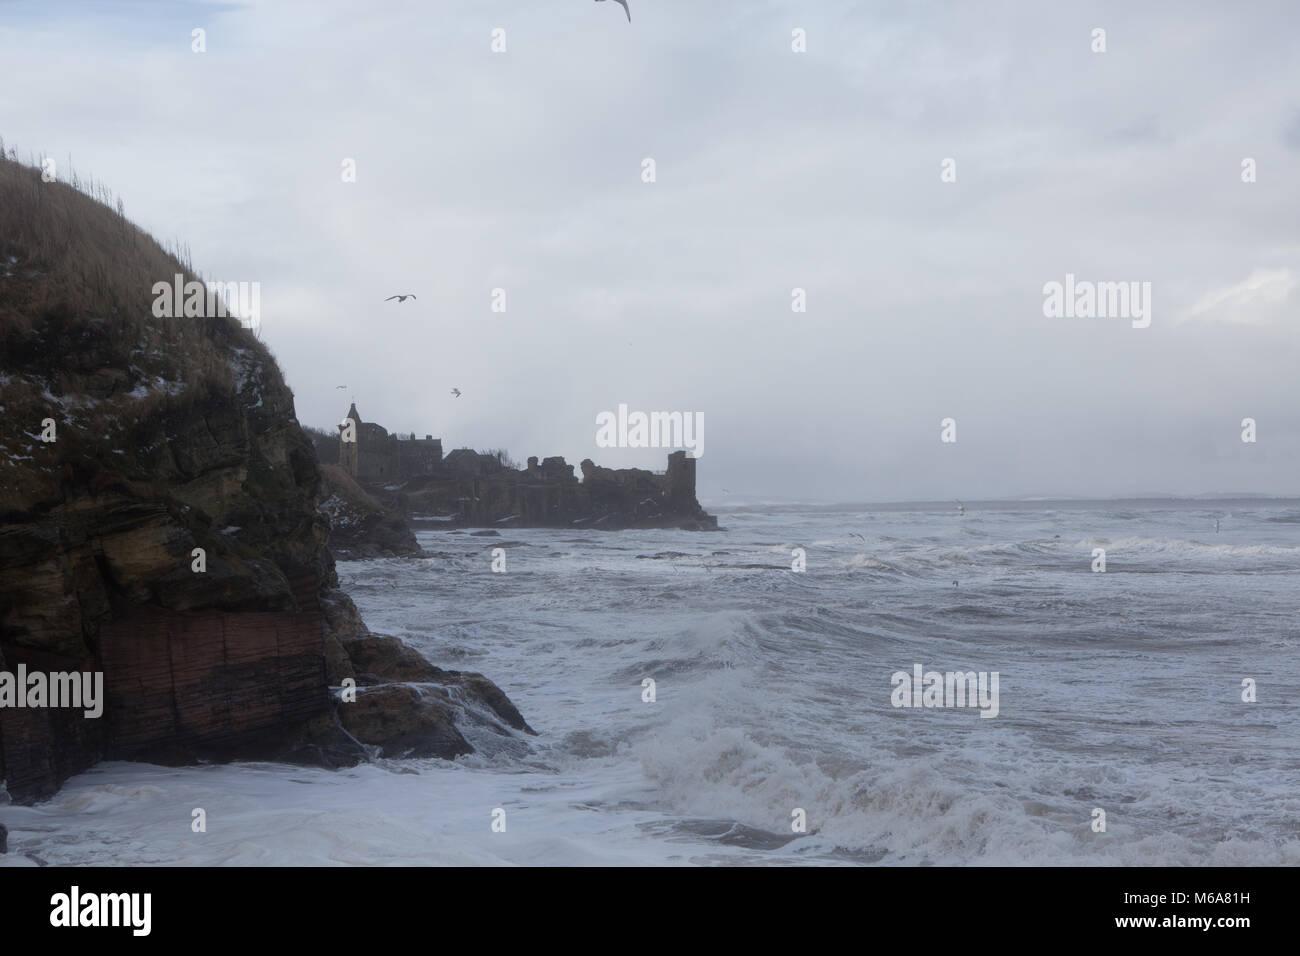 St. Andrews coastline. 1st Mar, 2018. UK Weather: Strong waves batter the coastline of East Sands, St. Andrews, - Stock Image